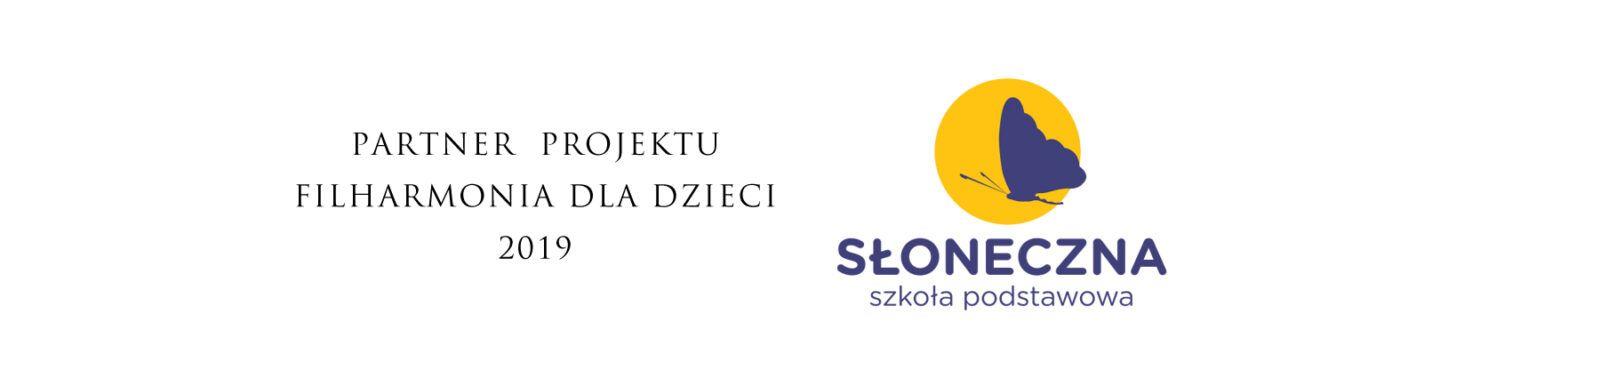 Filharmonia-dla-Dzieci-Słoneczna-Szkoła-Podstawowa-Kobyłka